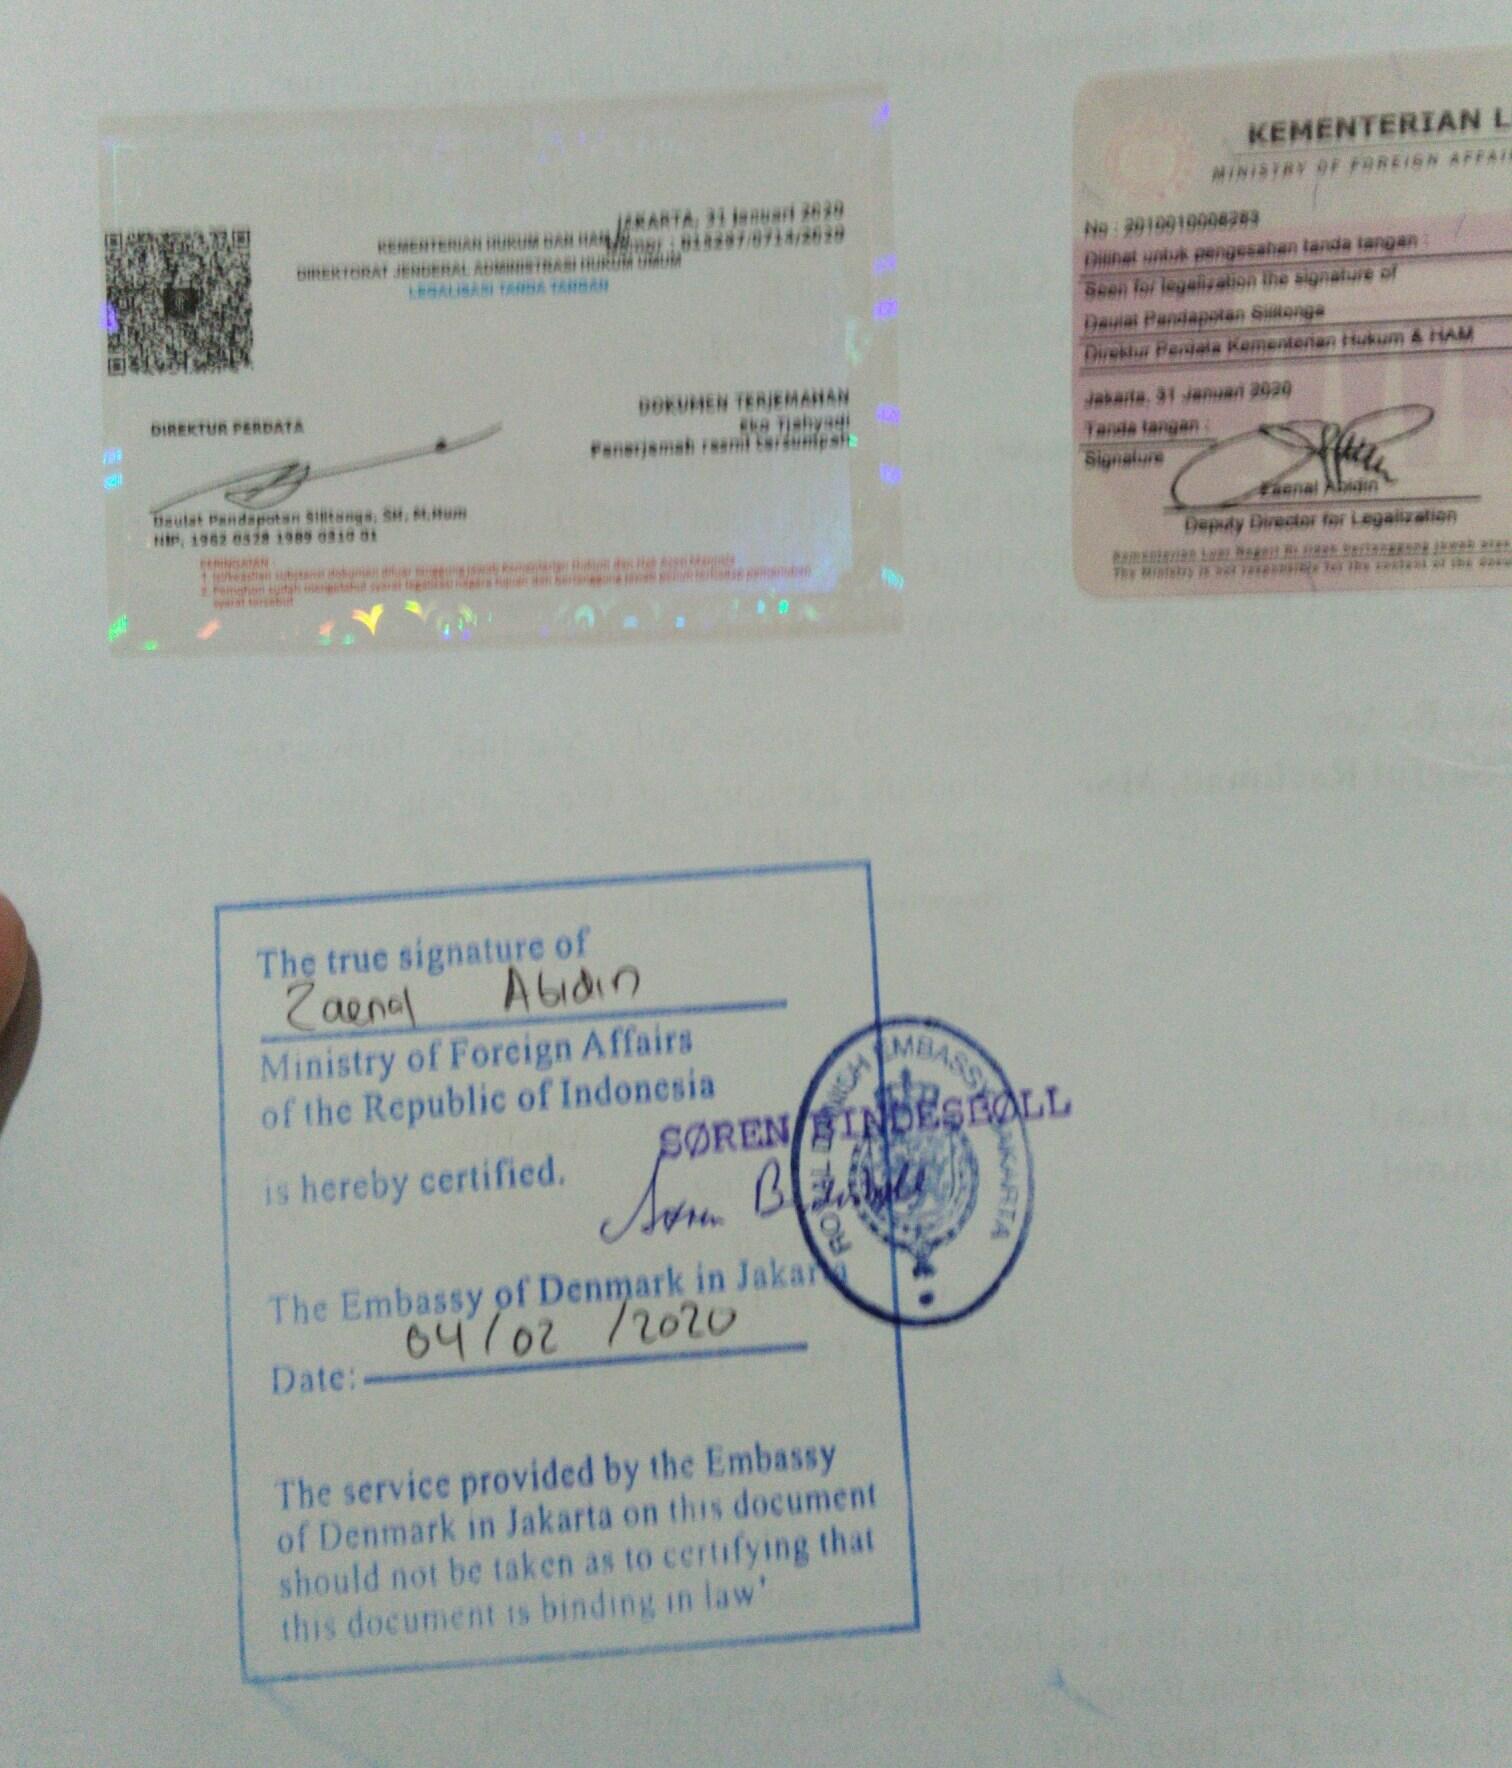 Contoh jasa legalisasi kedutaan Denmark